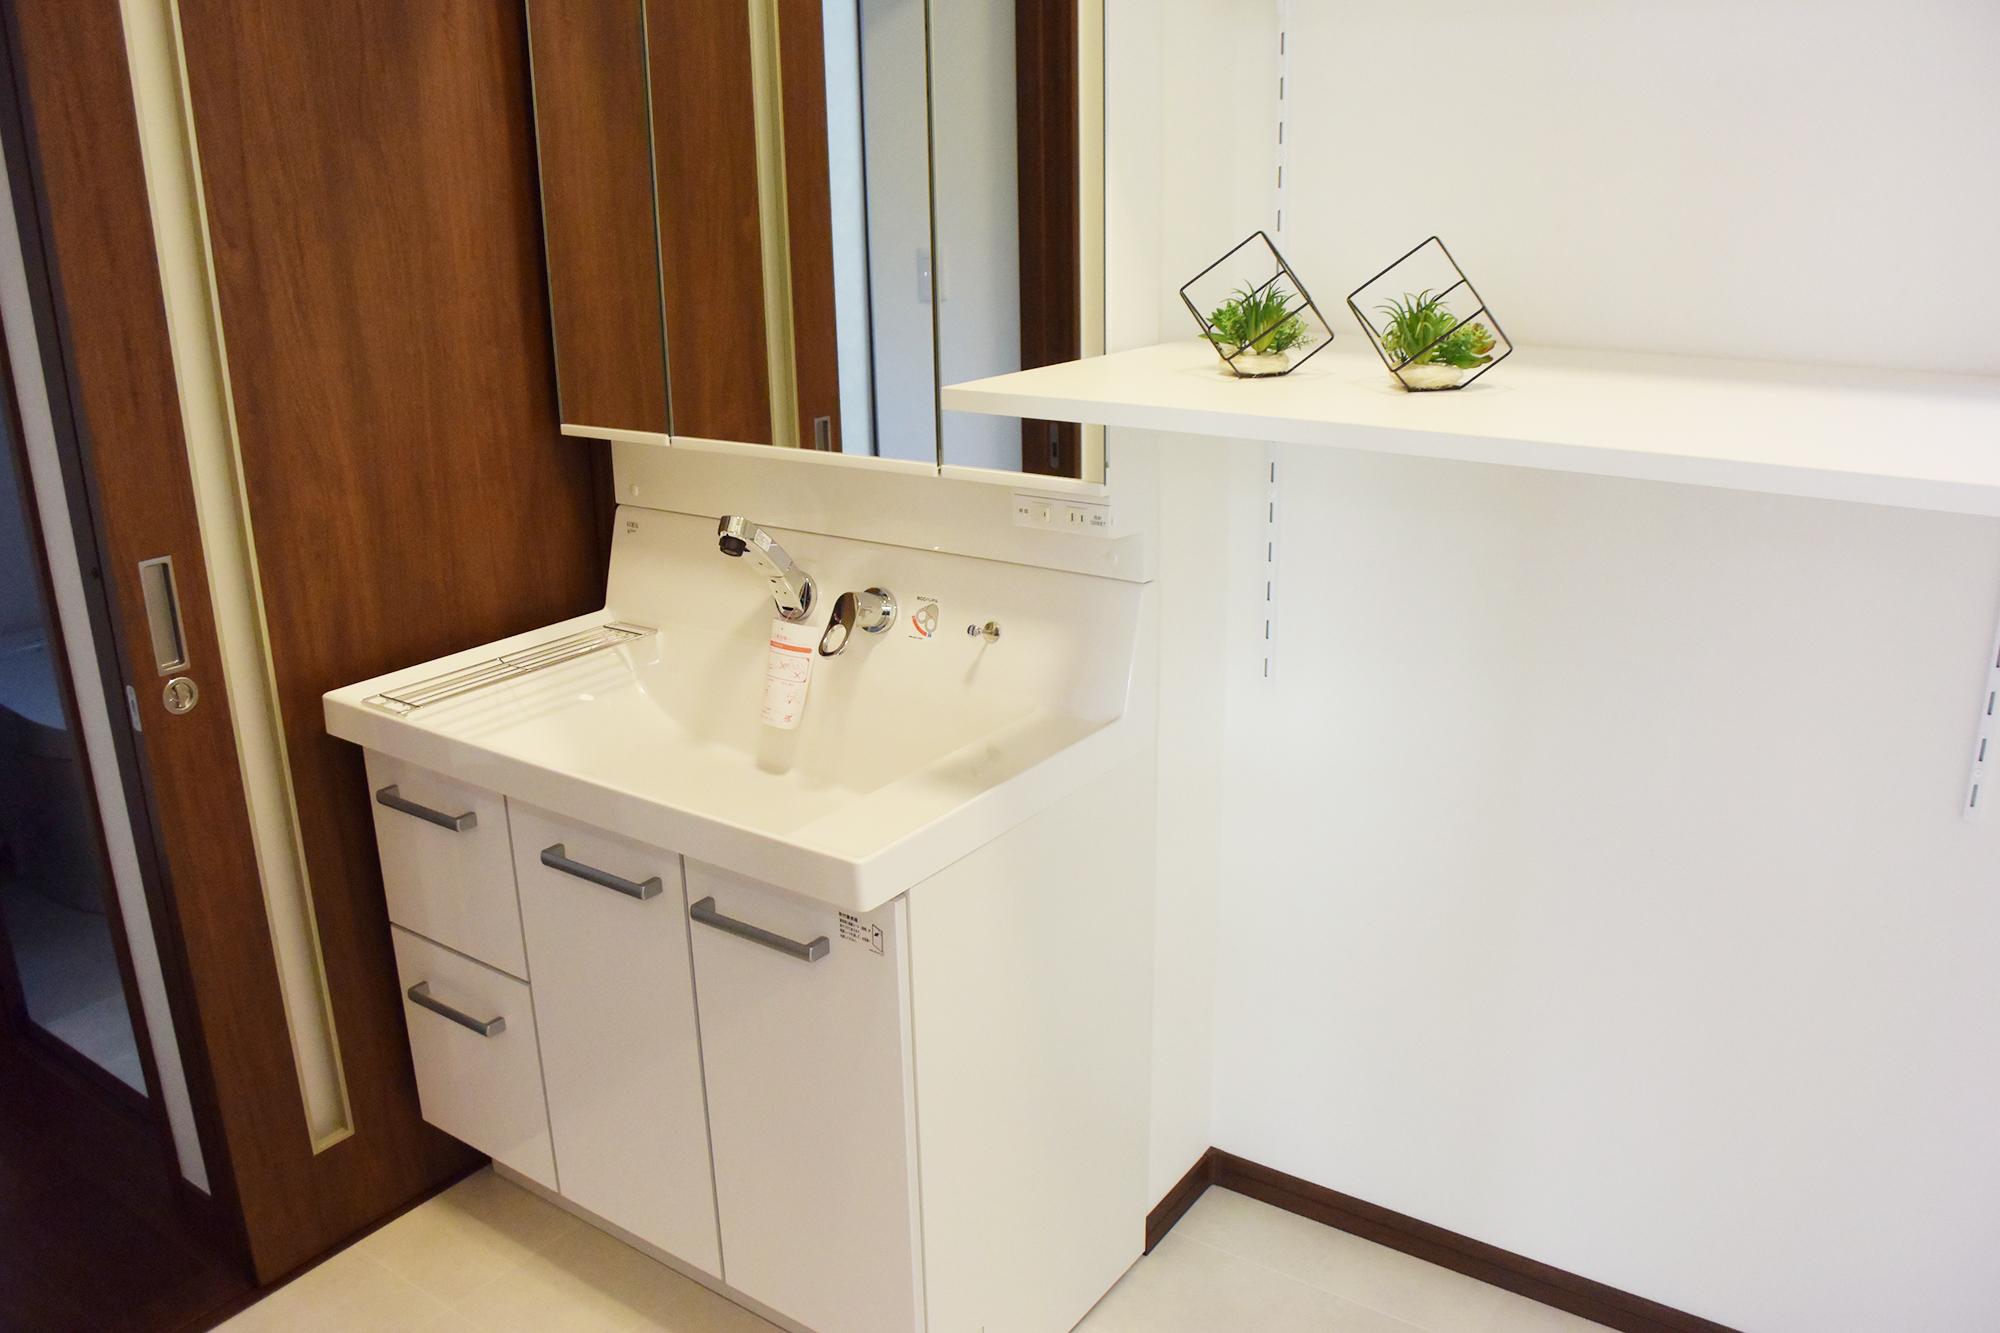 十分な広さが確保された1F洗面スペースには、使い勝手の良いカウンターも設置されました。